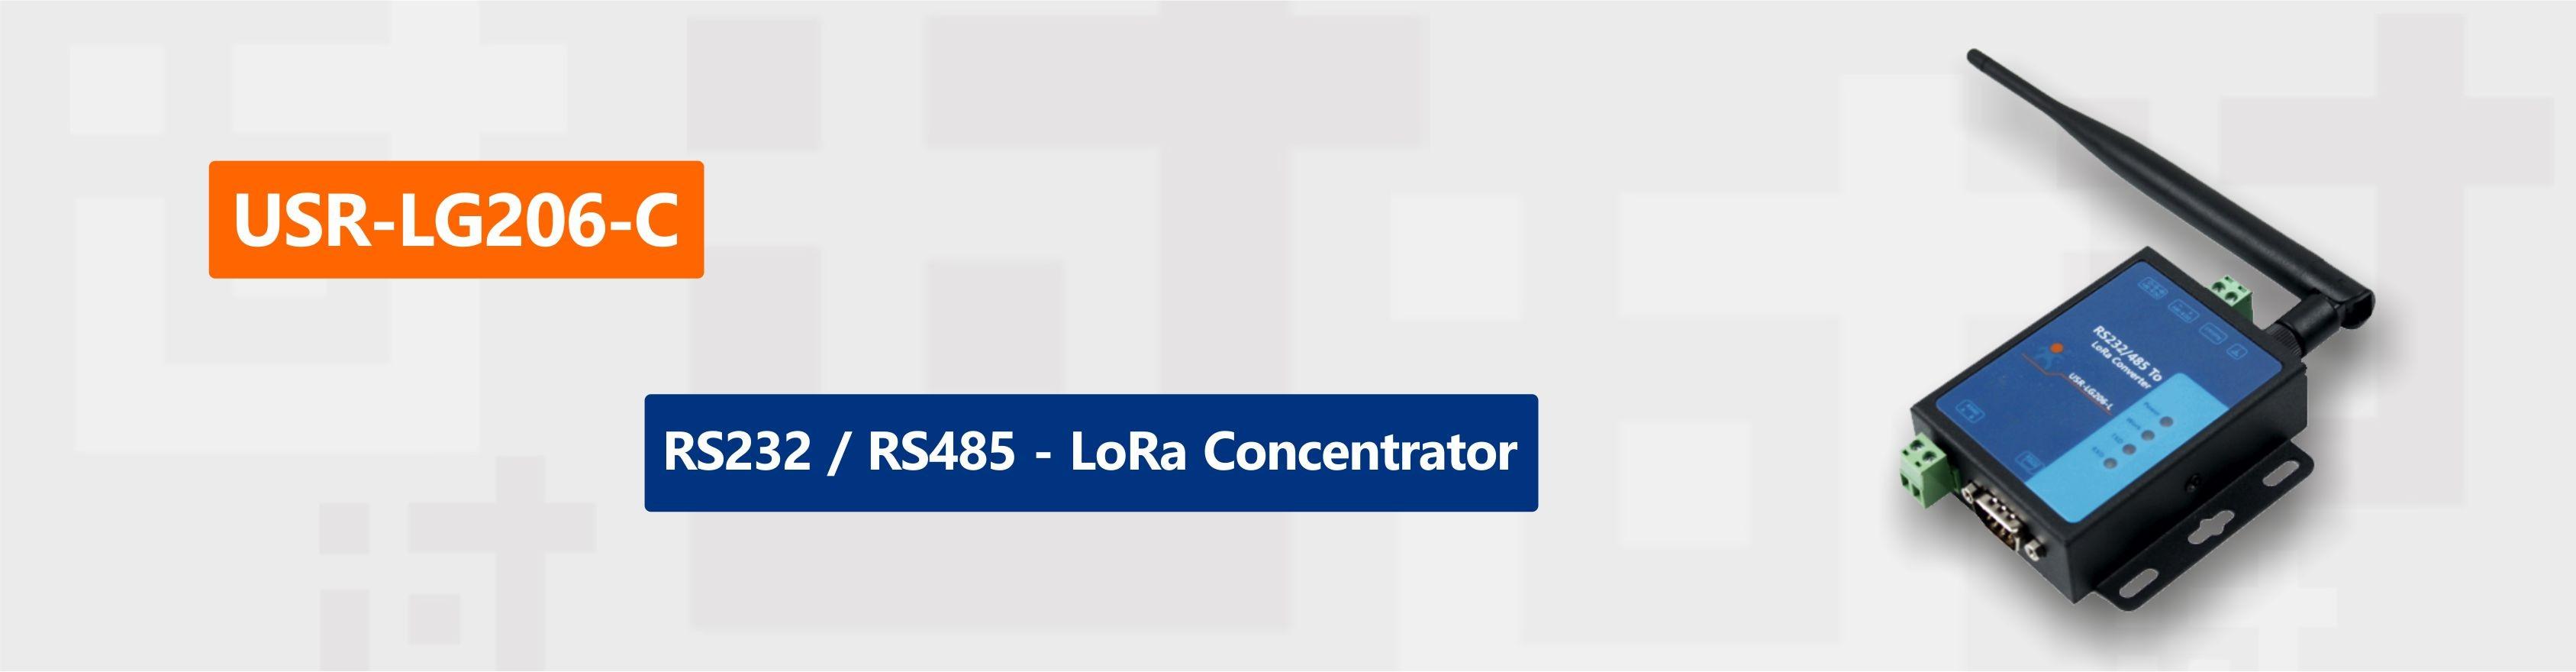 USR-LG206-C